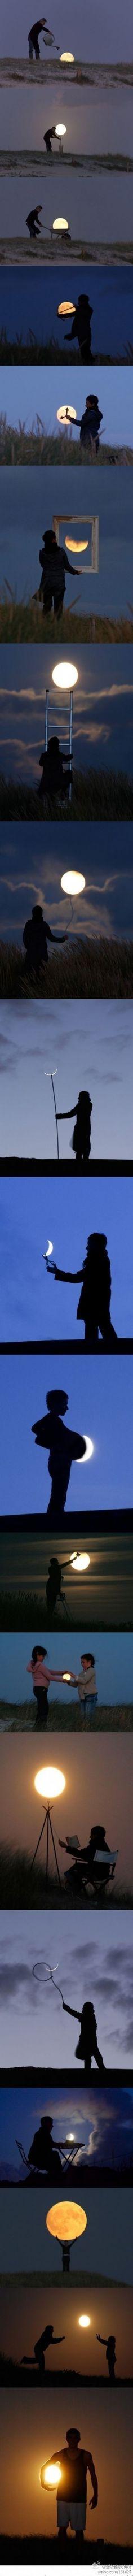 Fotoideeen met de maan!